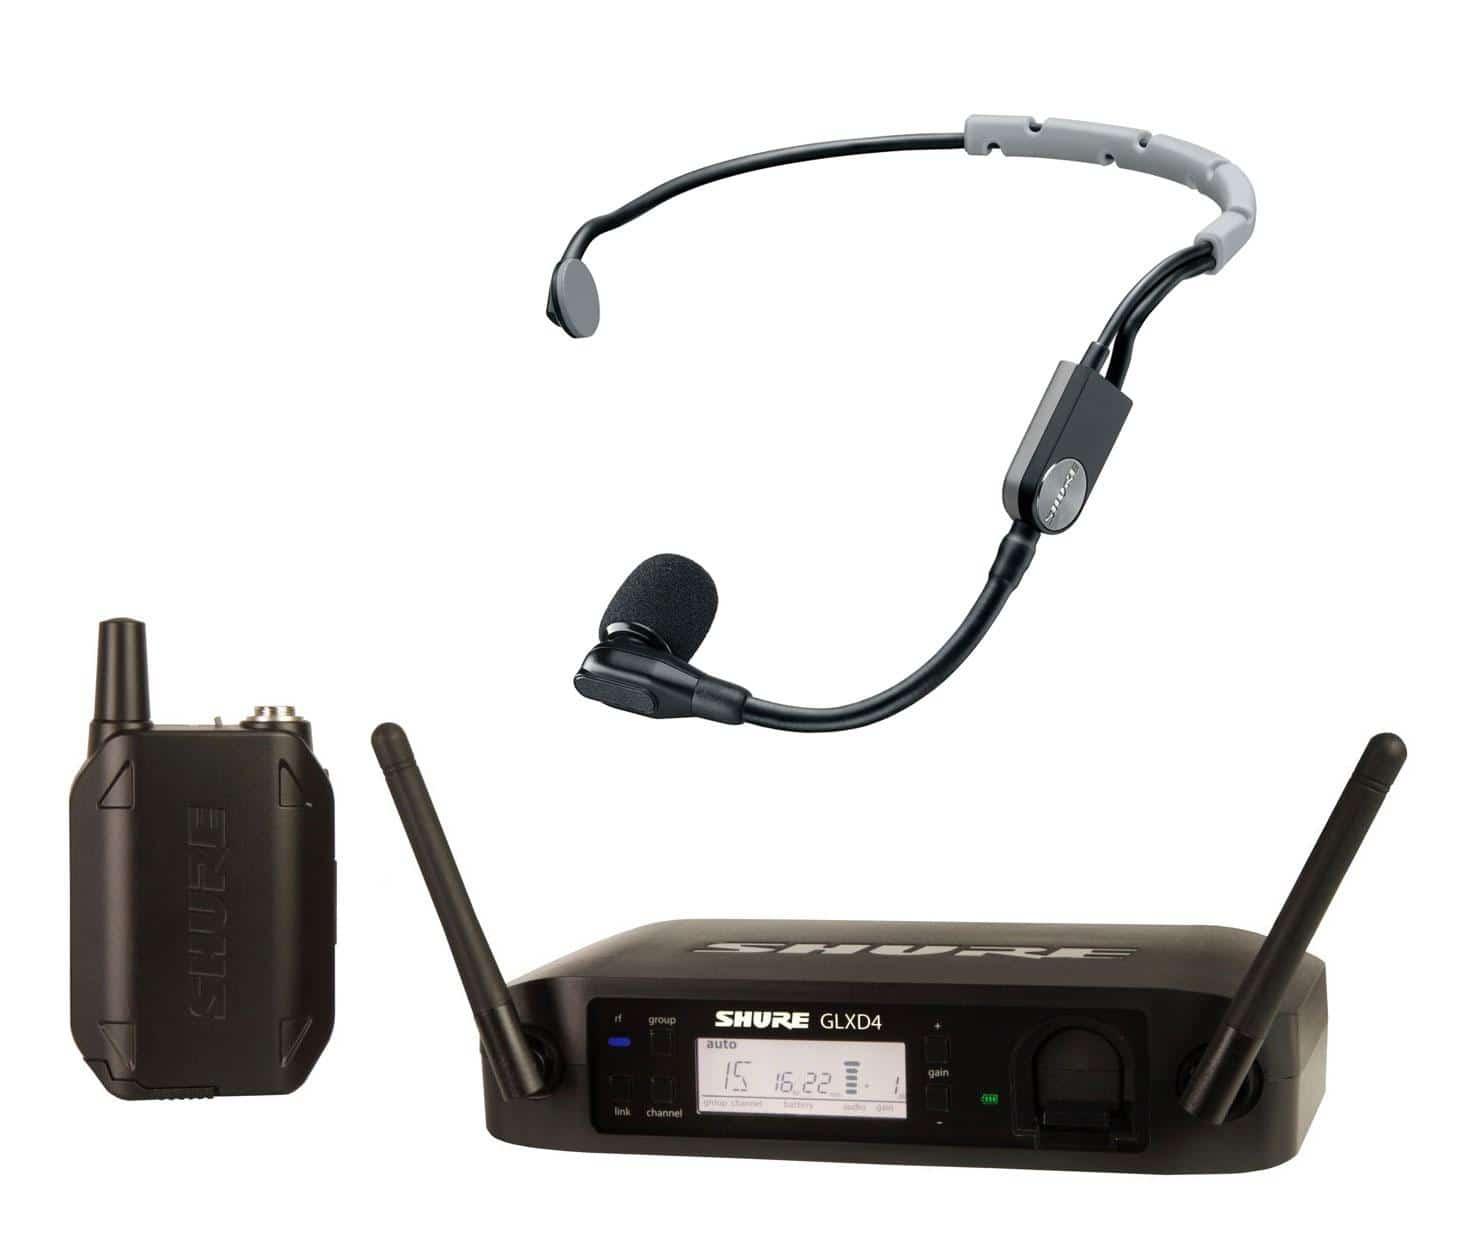 Drahtlossysteme - Shure GLXD14|SM35 Headset Funksystem - Onlineshop Musikhaus Kirstein